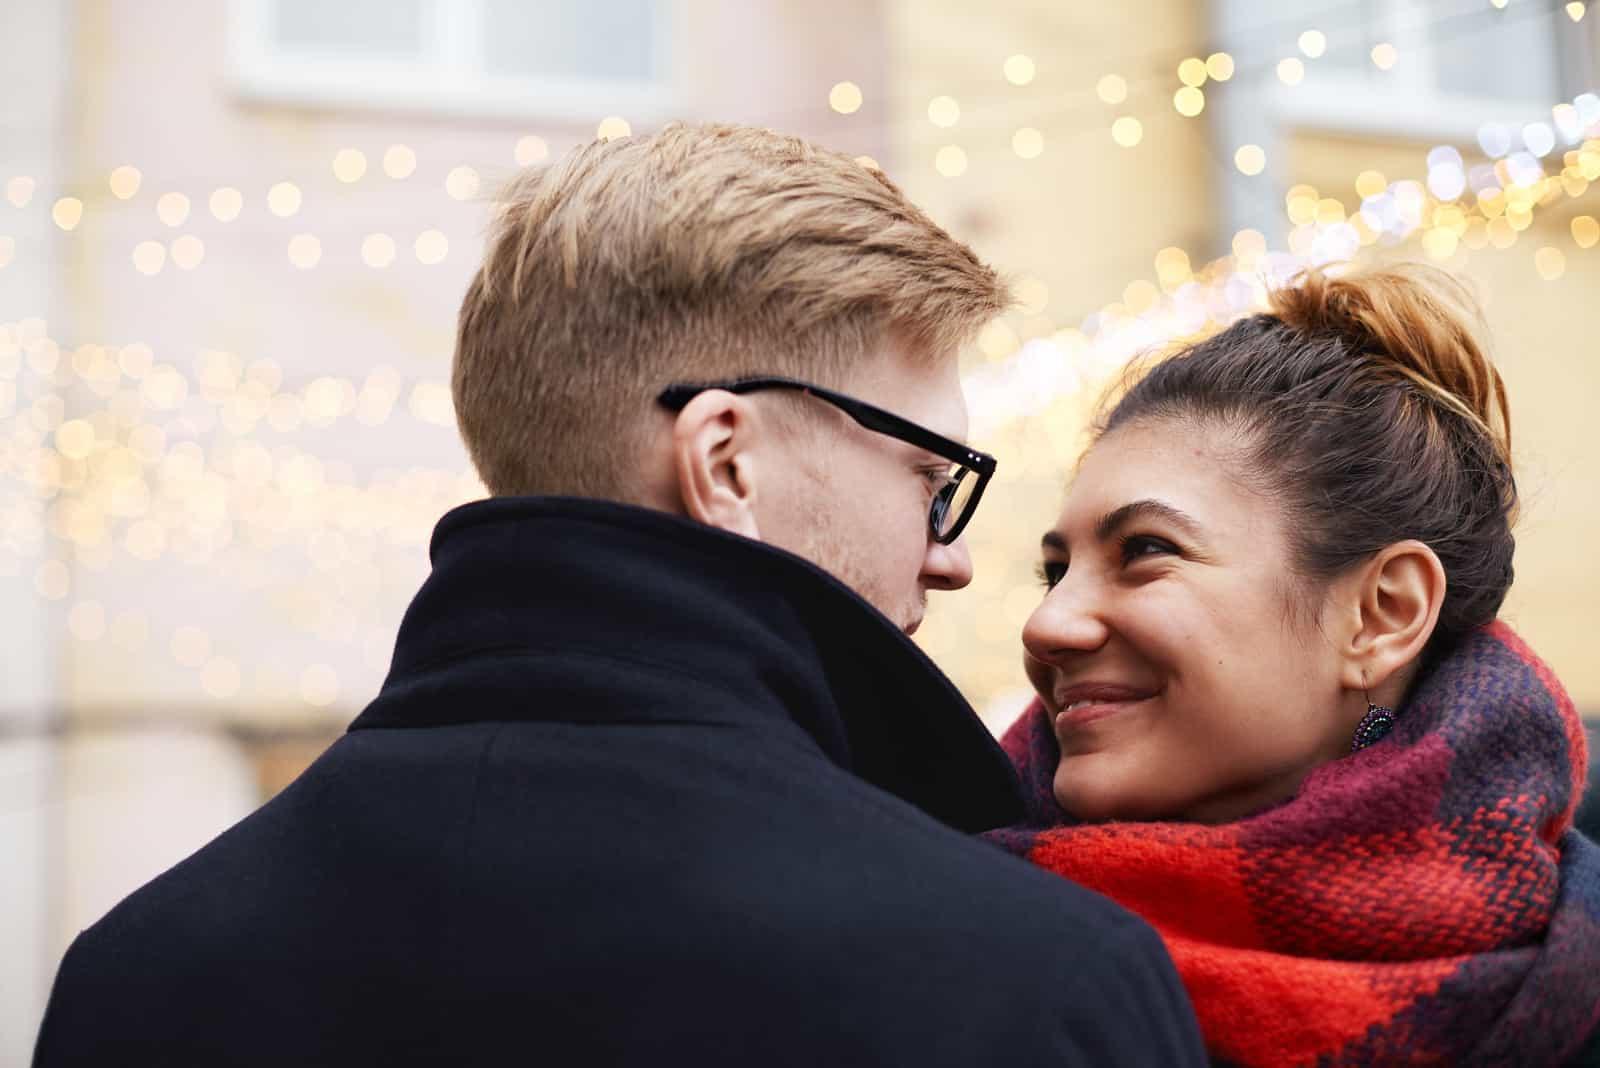 Paar blonder Mann und Latina Mädchen im Winter